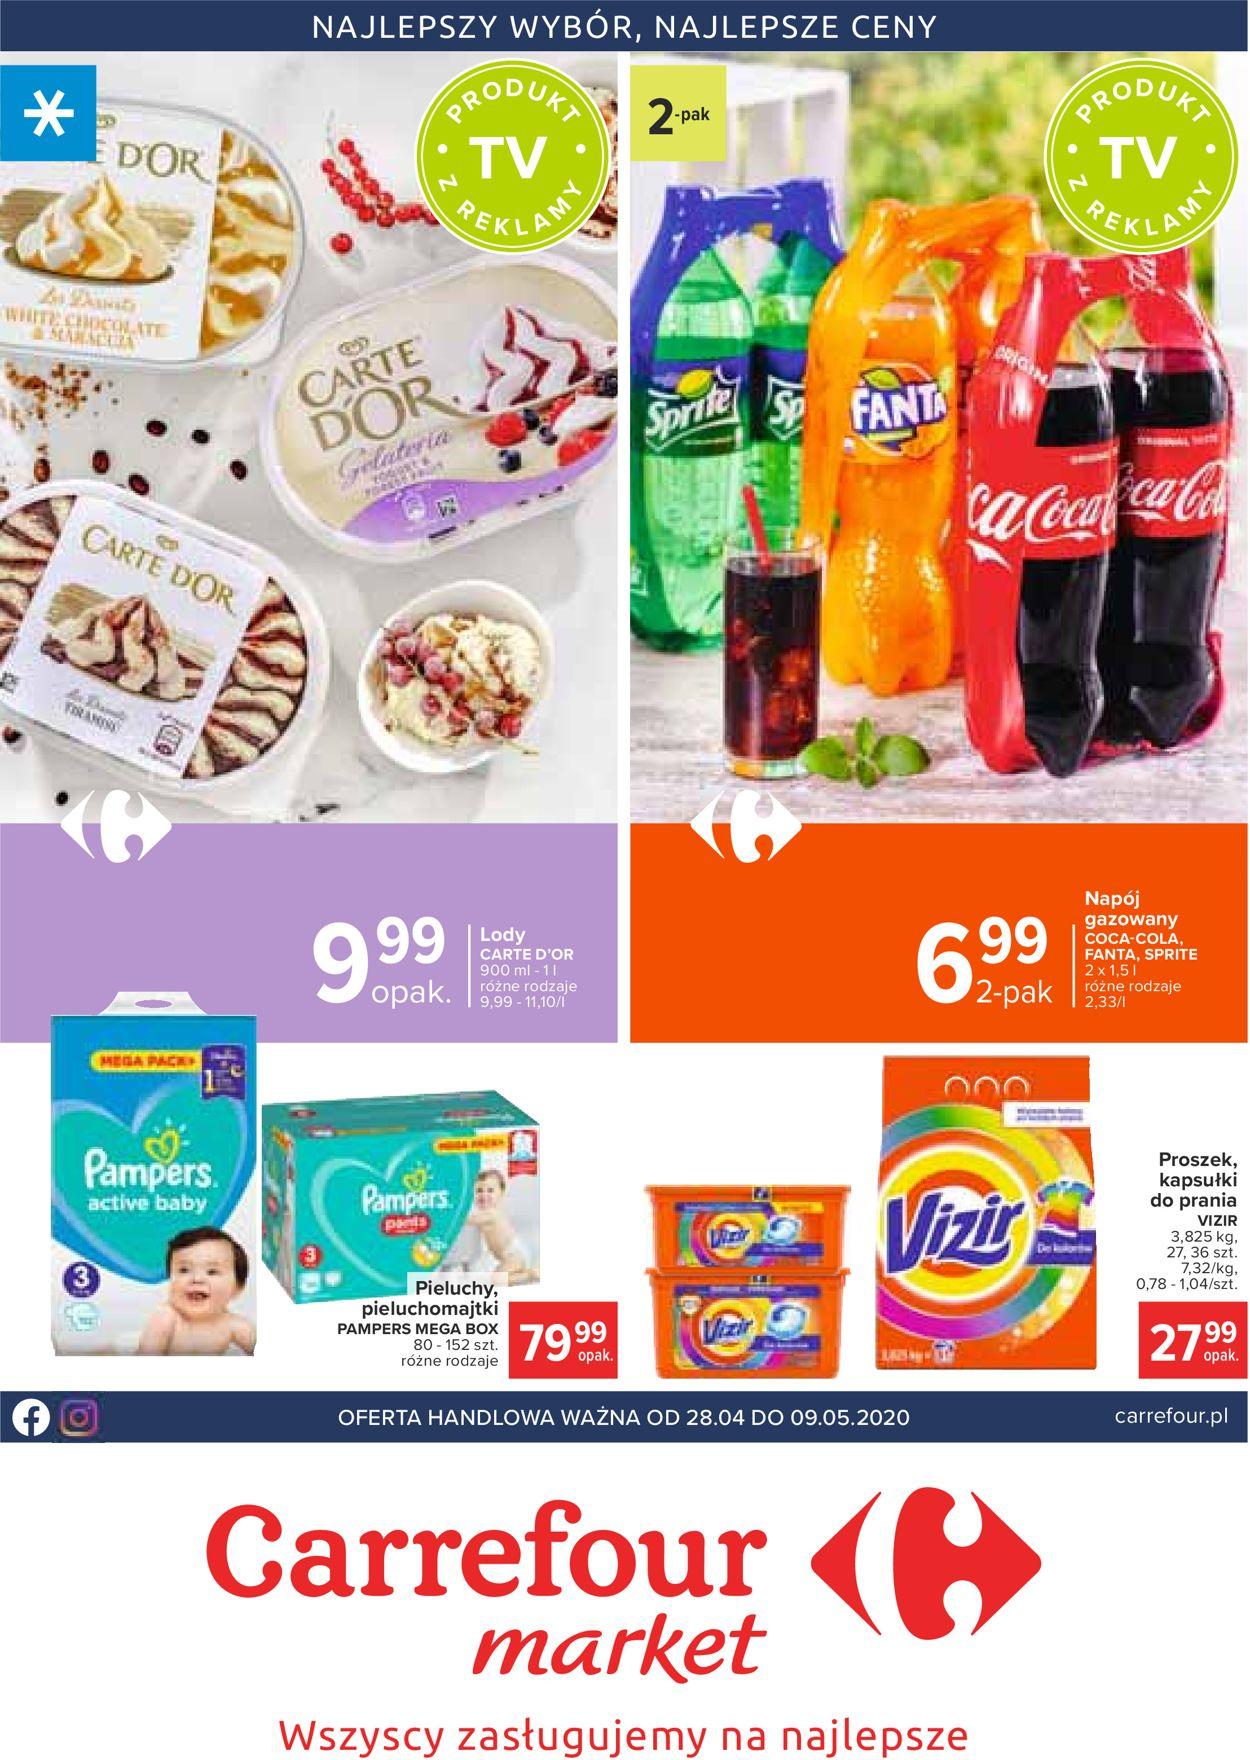 Gazetka promocyjna Carrefour - 28.04-09.05.2020